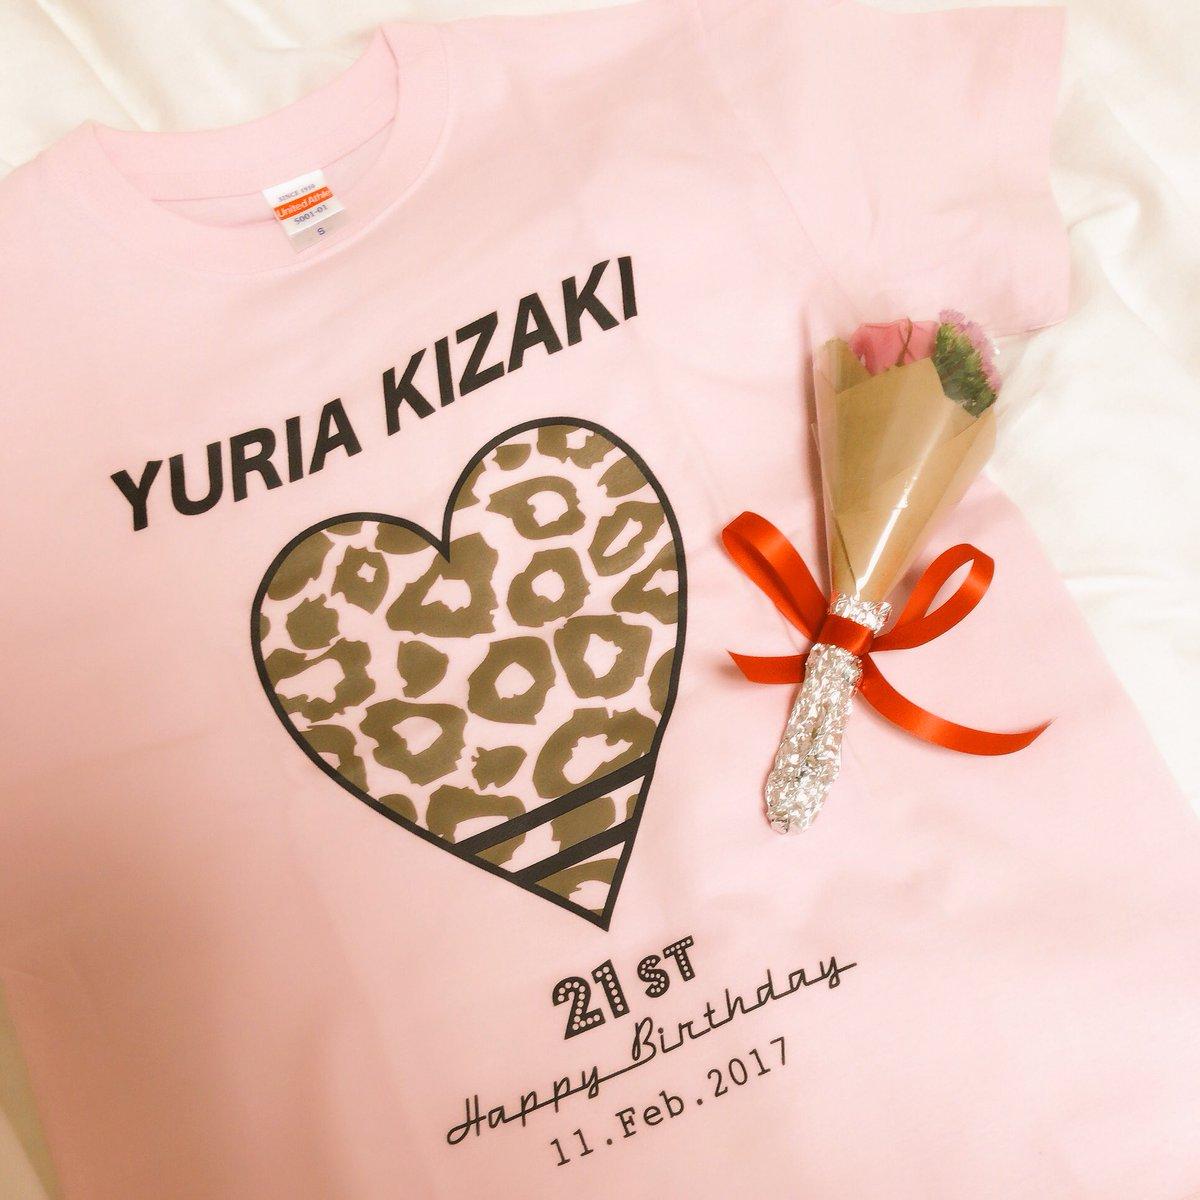 💕愛する木崎ゆりあちゃんの生誕Tシャツのデザインをさせて頂きました💕私からゆりあへ愛を込めて🎁デザイ…